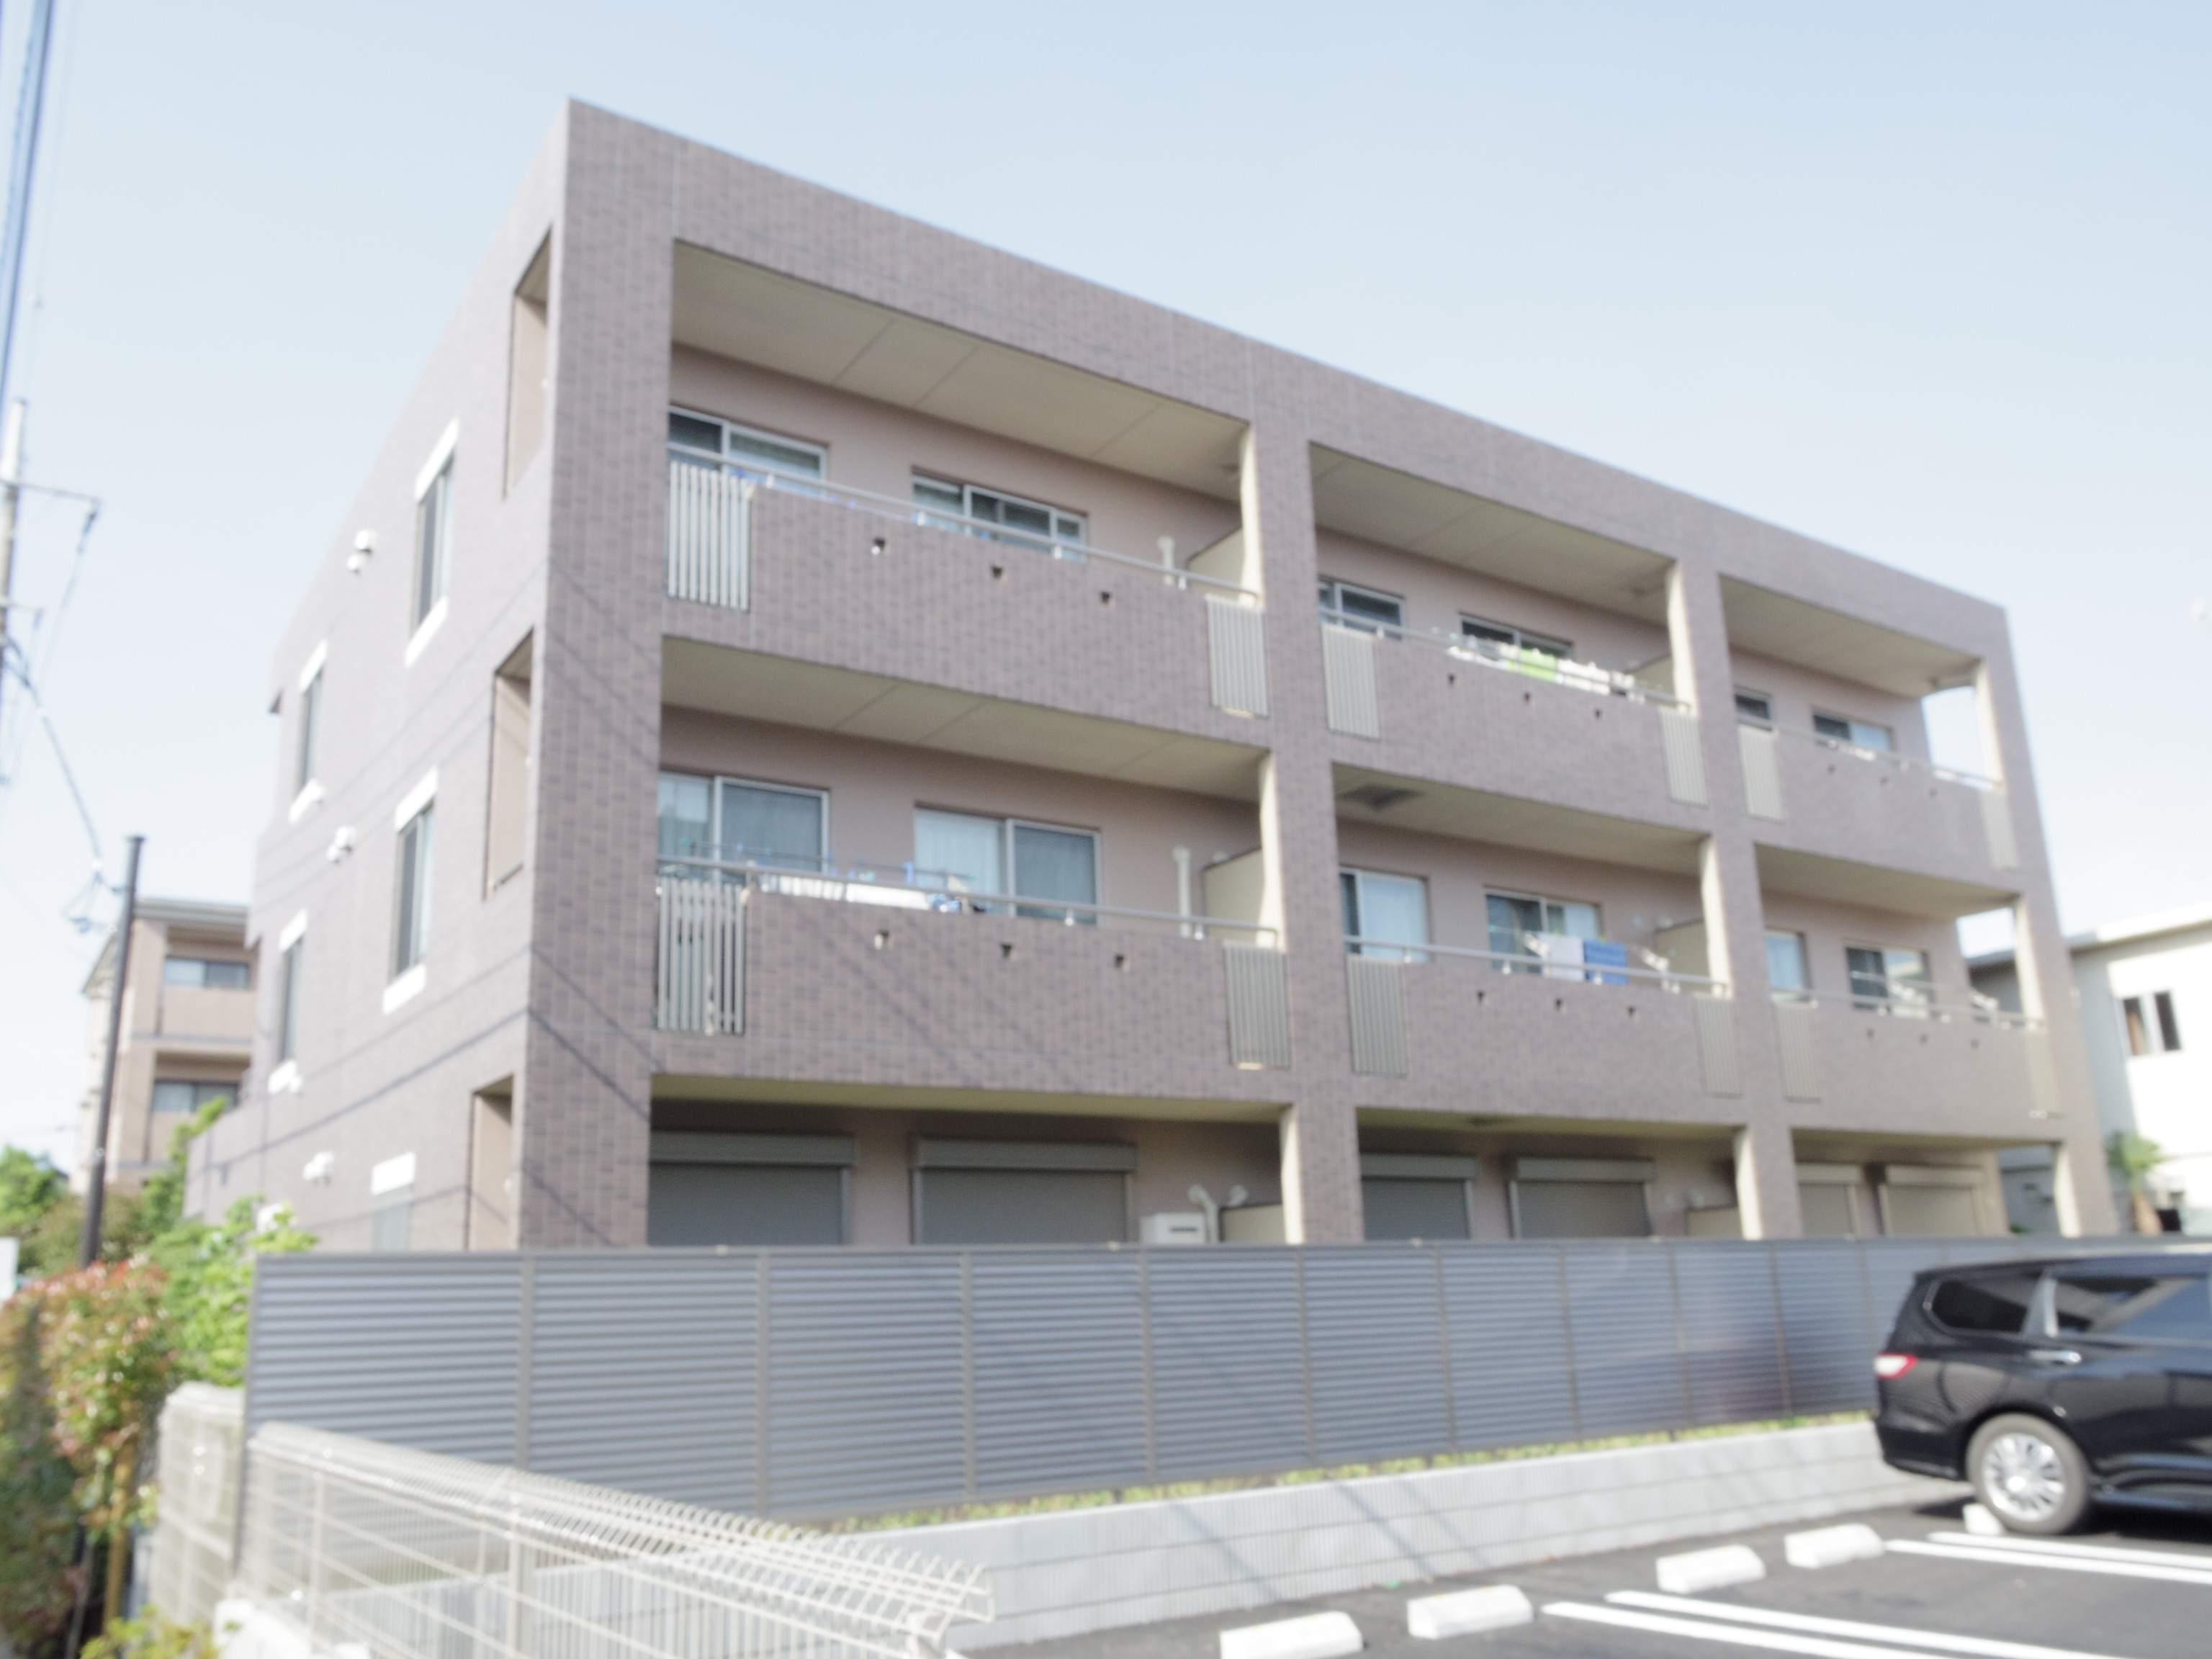 東京都武蔵野市、三鷹駅徒歩25分の築1年 3階建の賃貸マンション